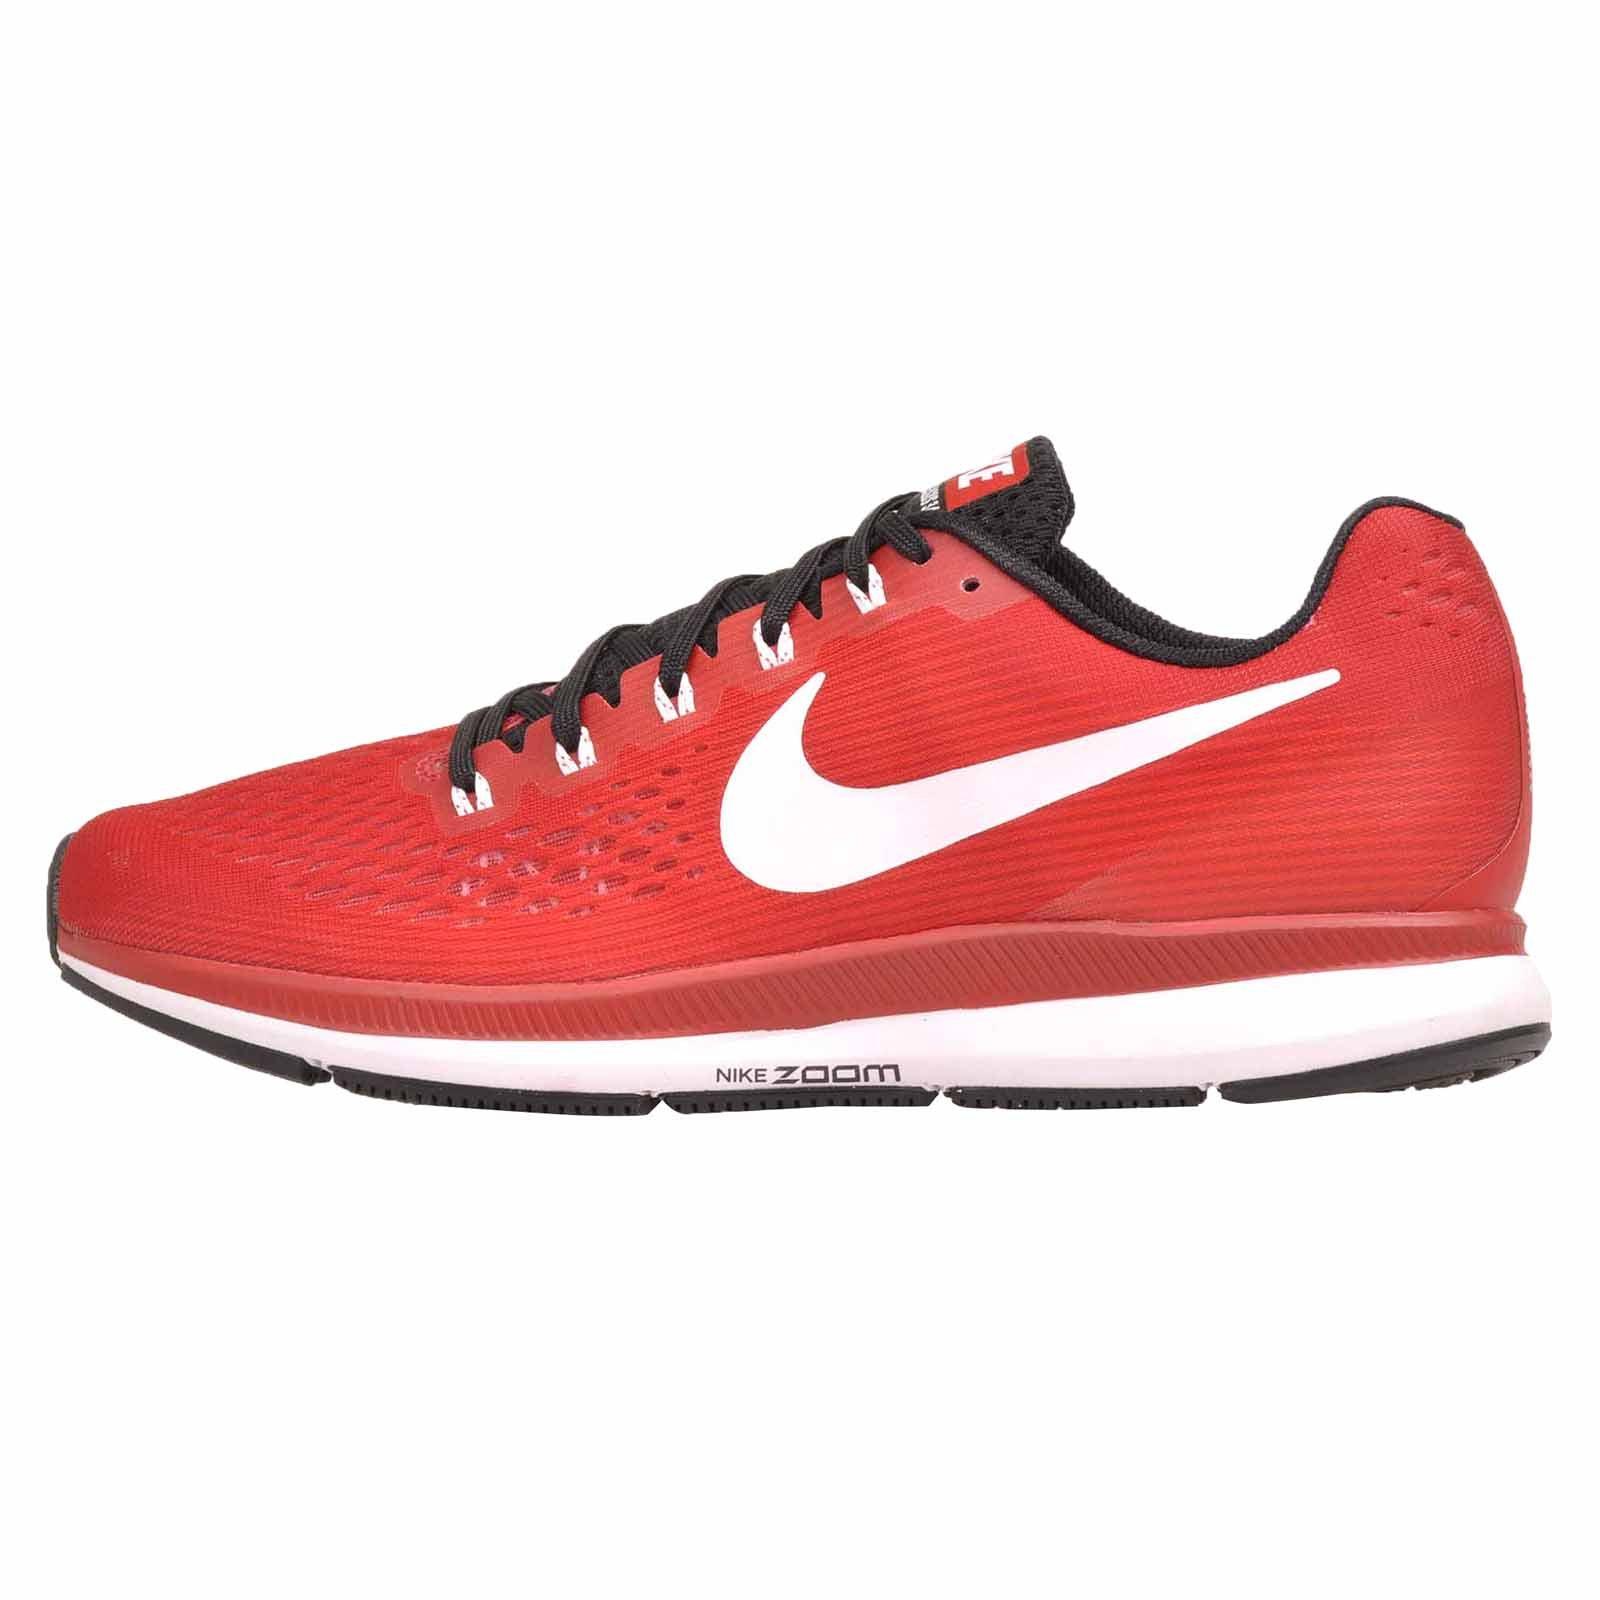 Nike Air Zoom Pegasus 34 TB Men's Running Shoes (10.5, Red/White)